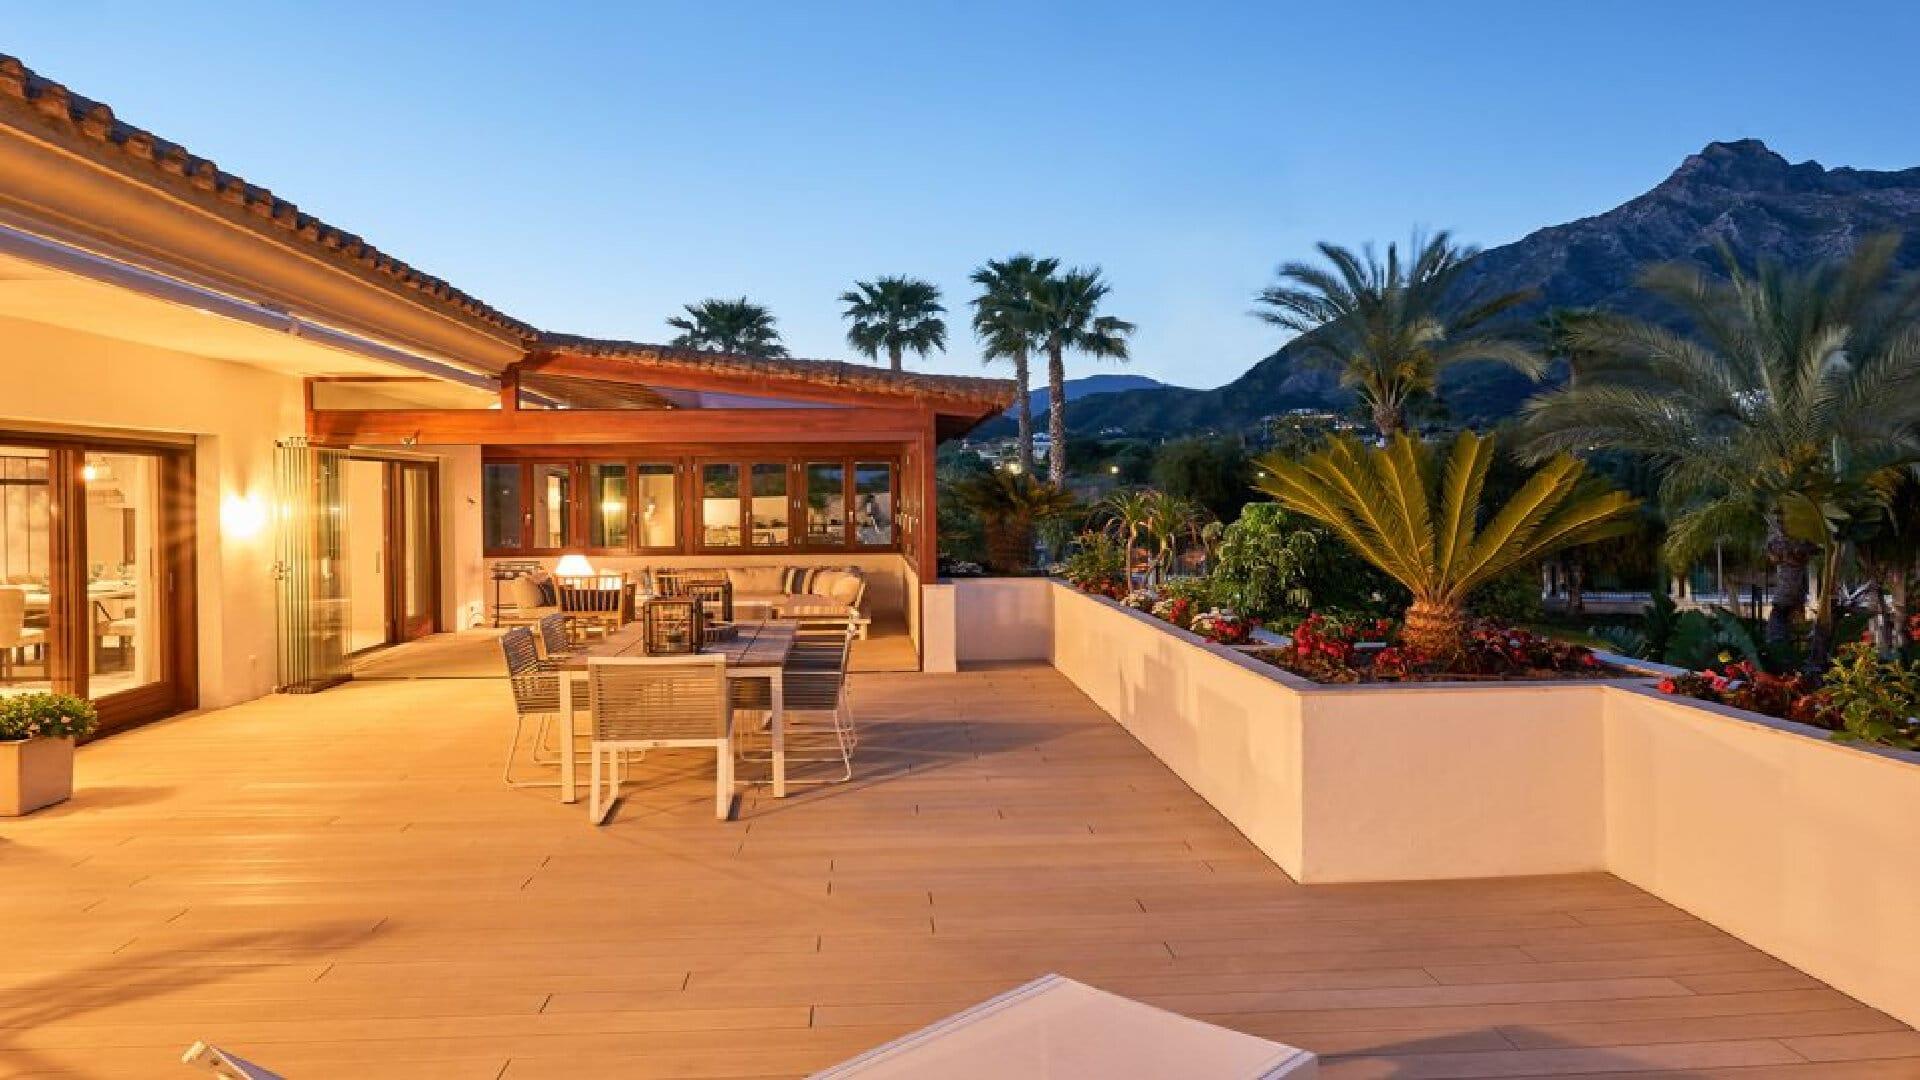 Marbella Golden Mile Property For Sale